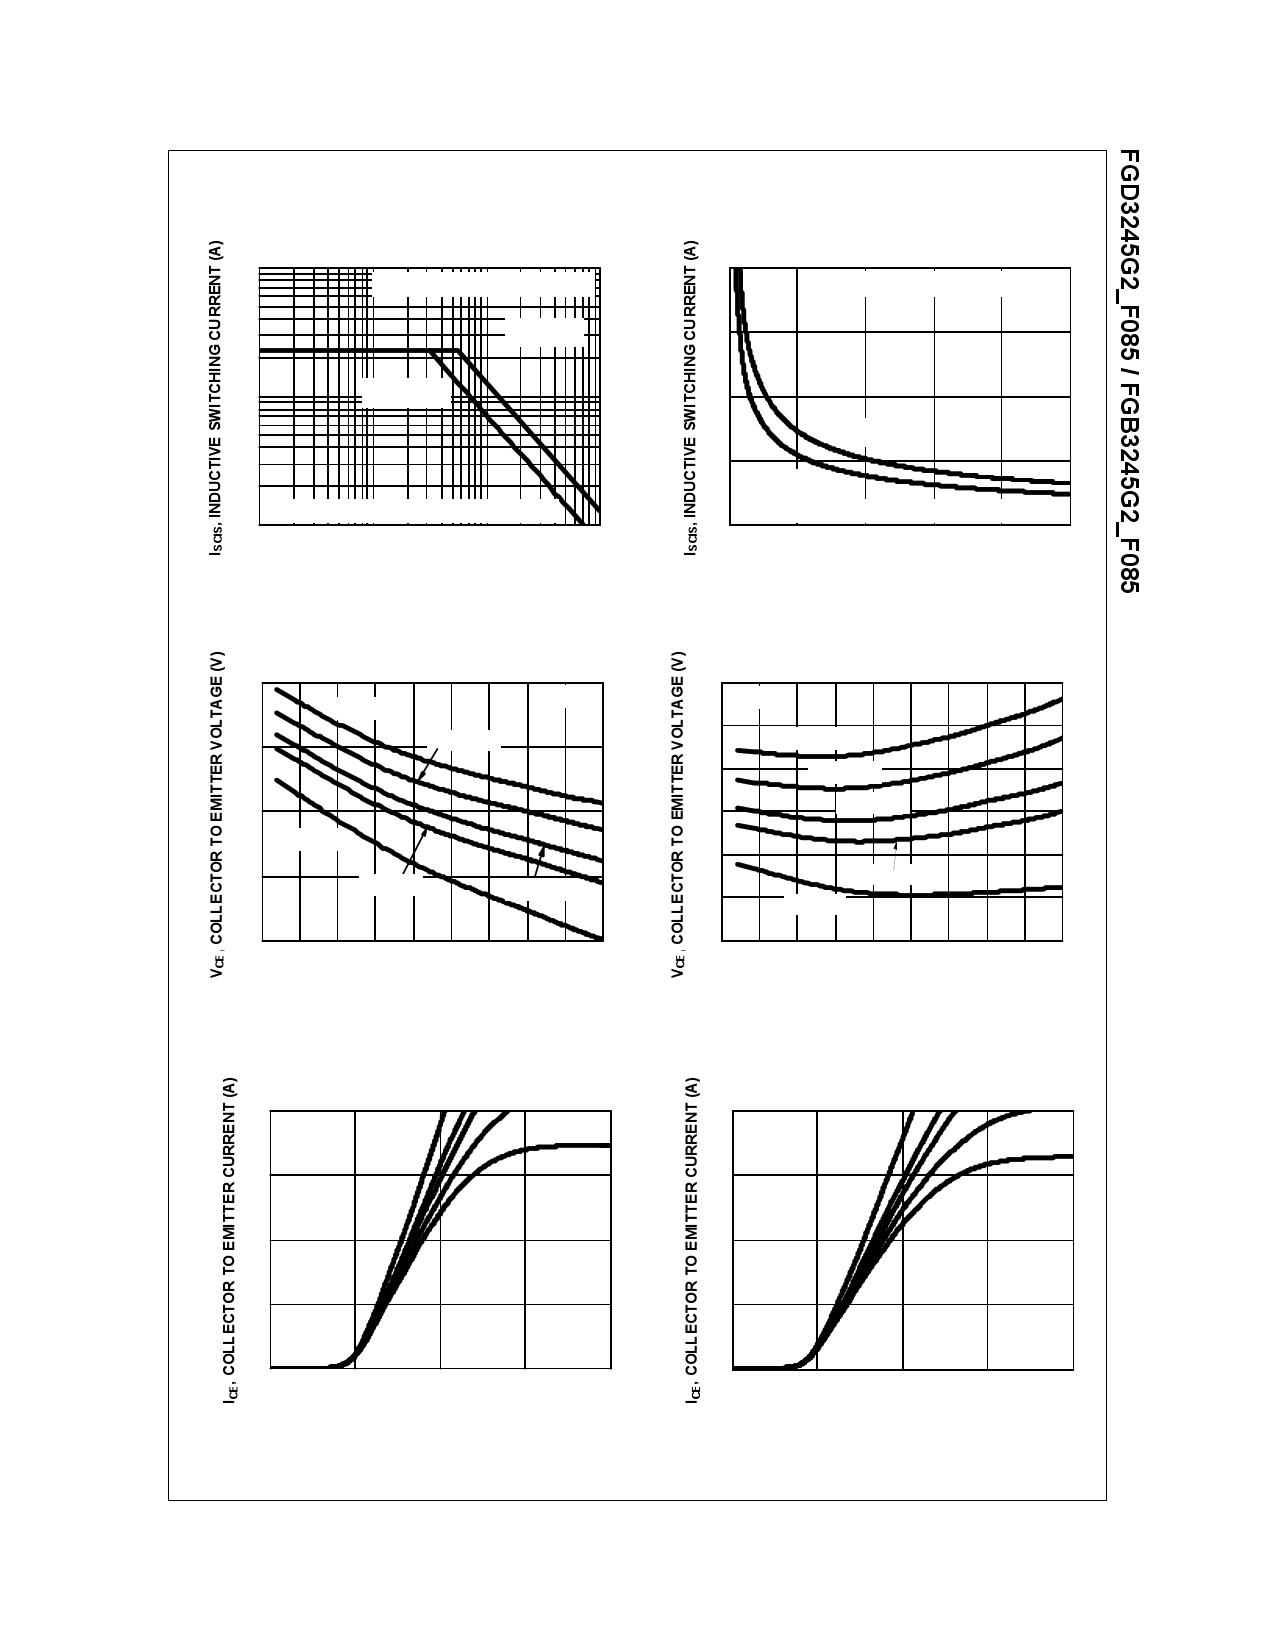 FGD3245G2_F085 pdf, 반도체, 판매, 대치품